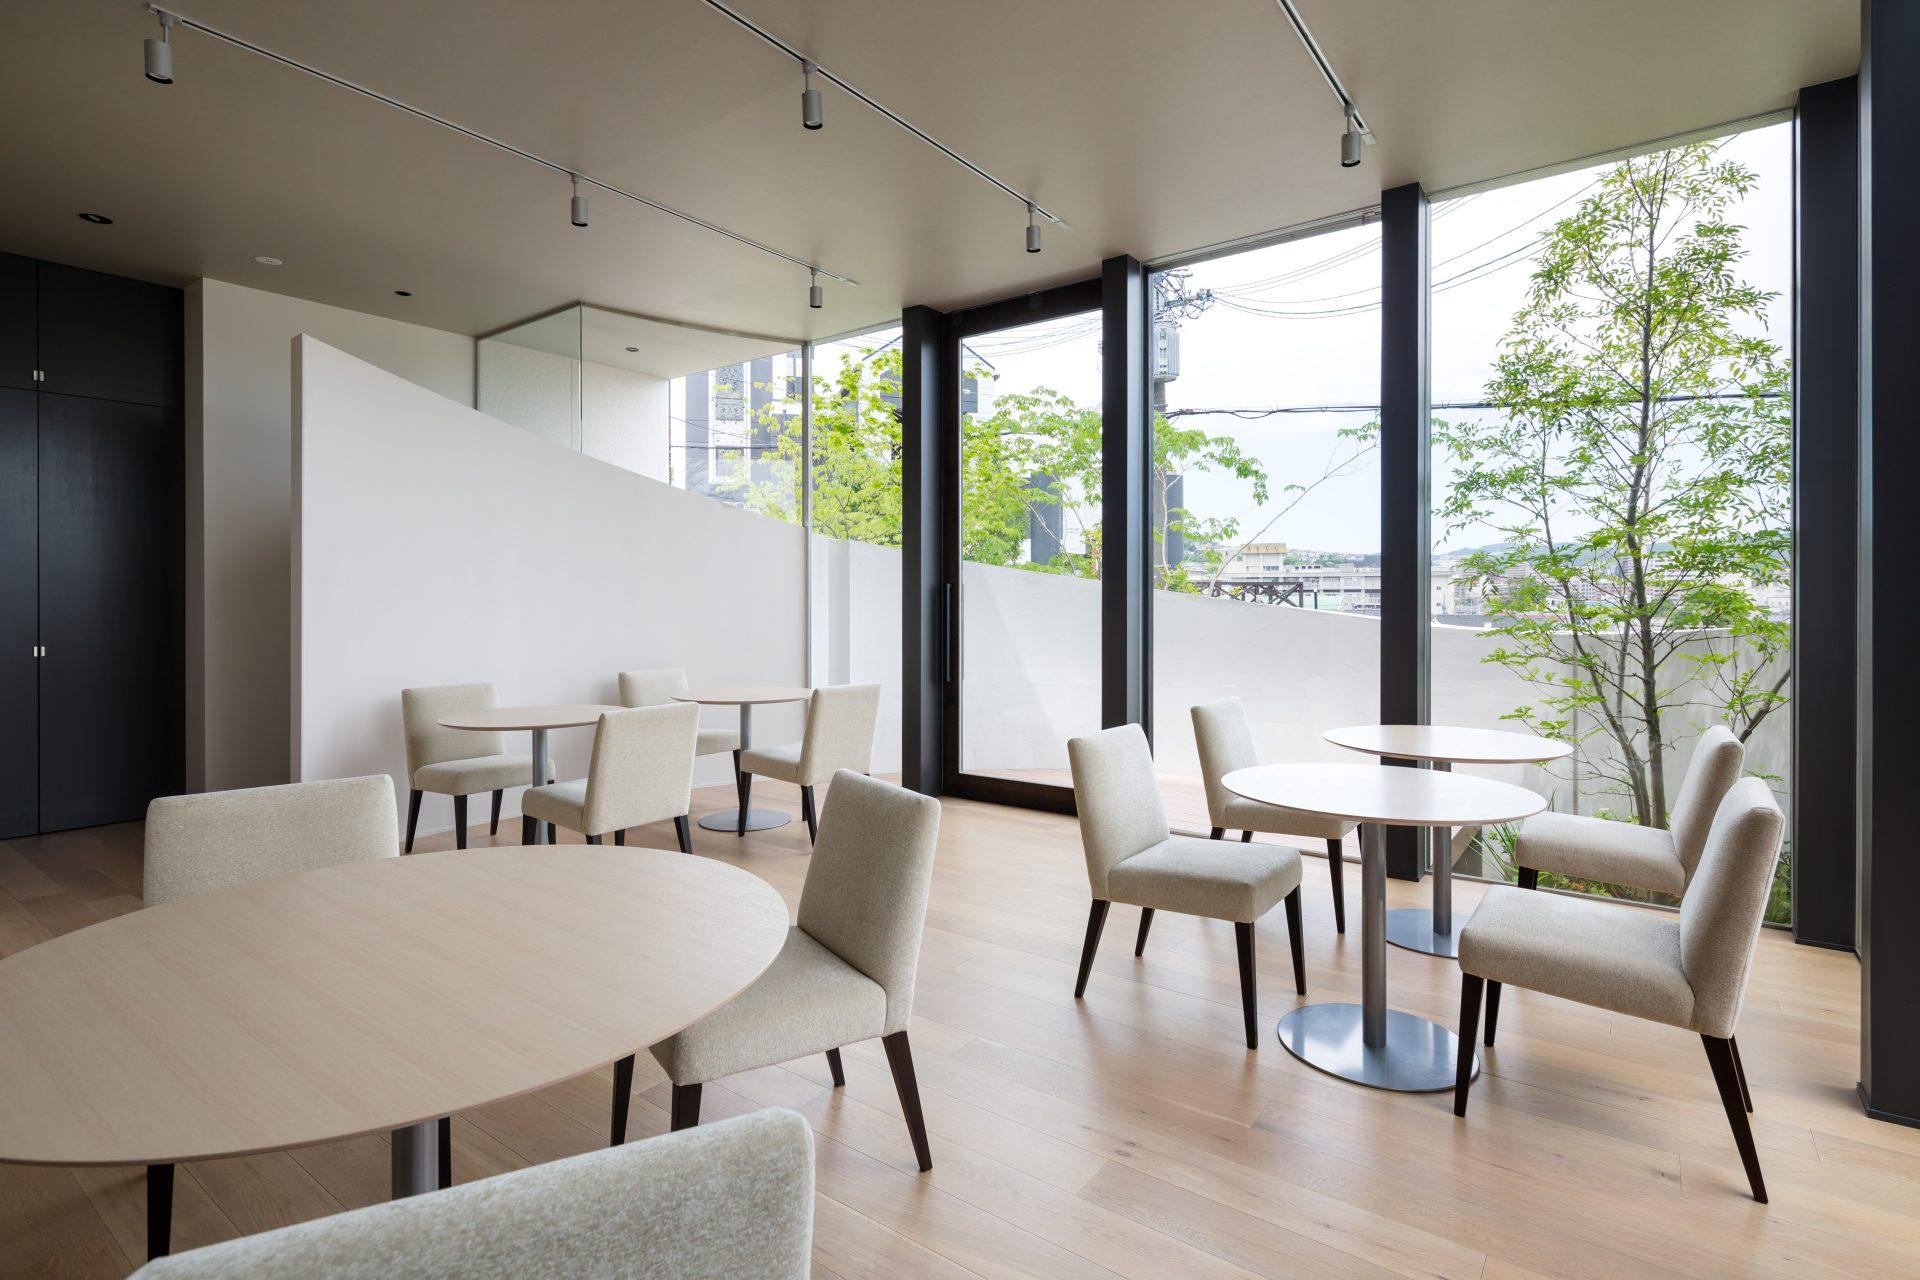 兵庫宝塚のフレンチレストランAux petits délicesのホール02